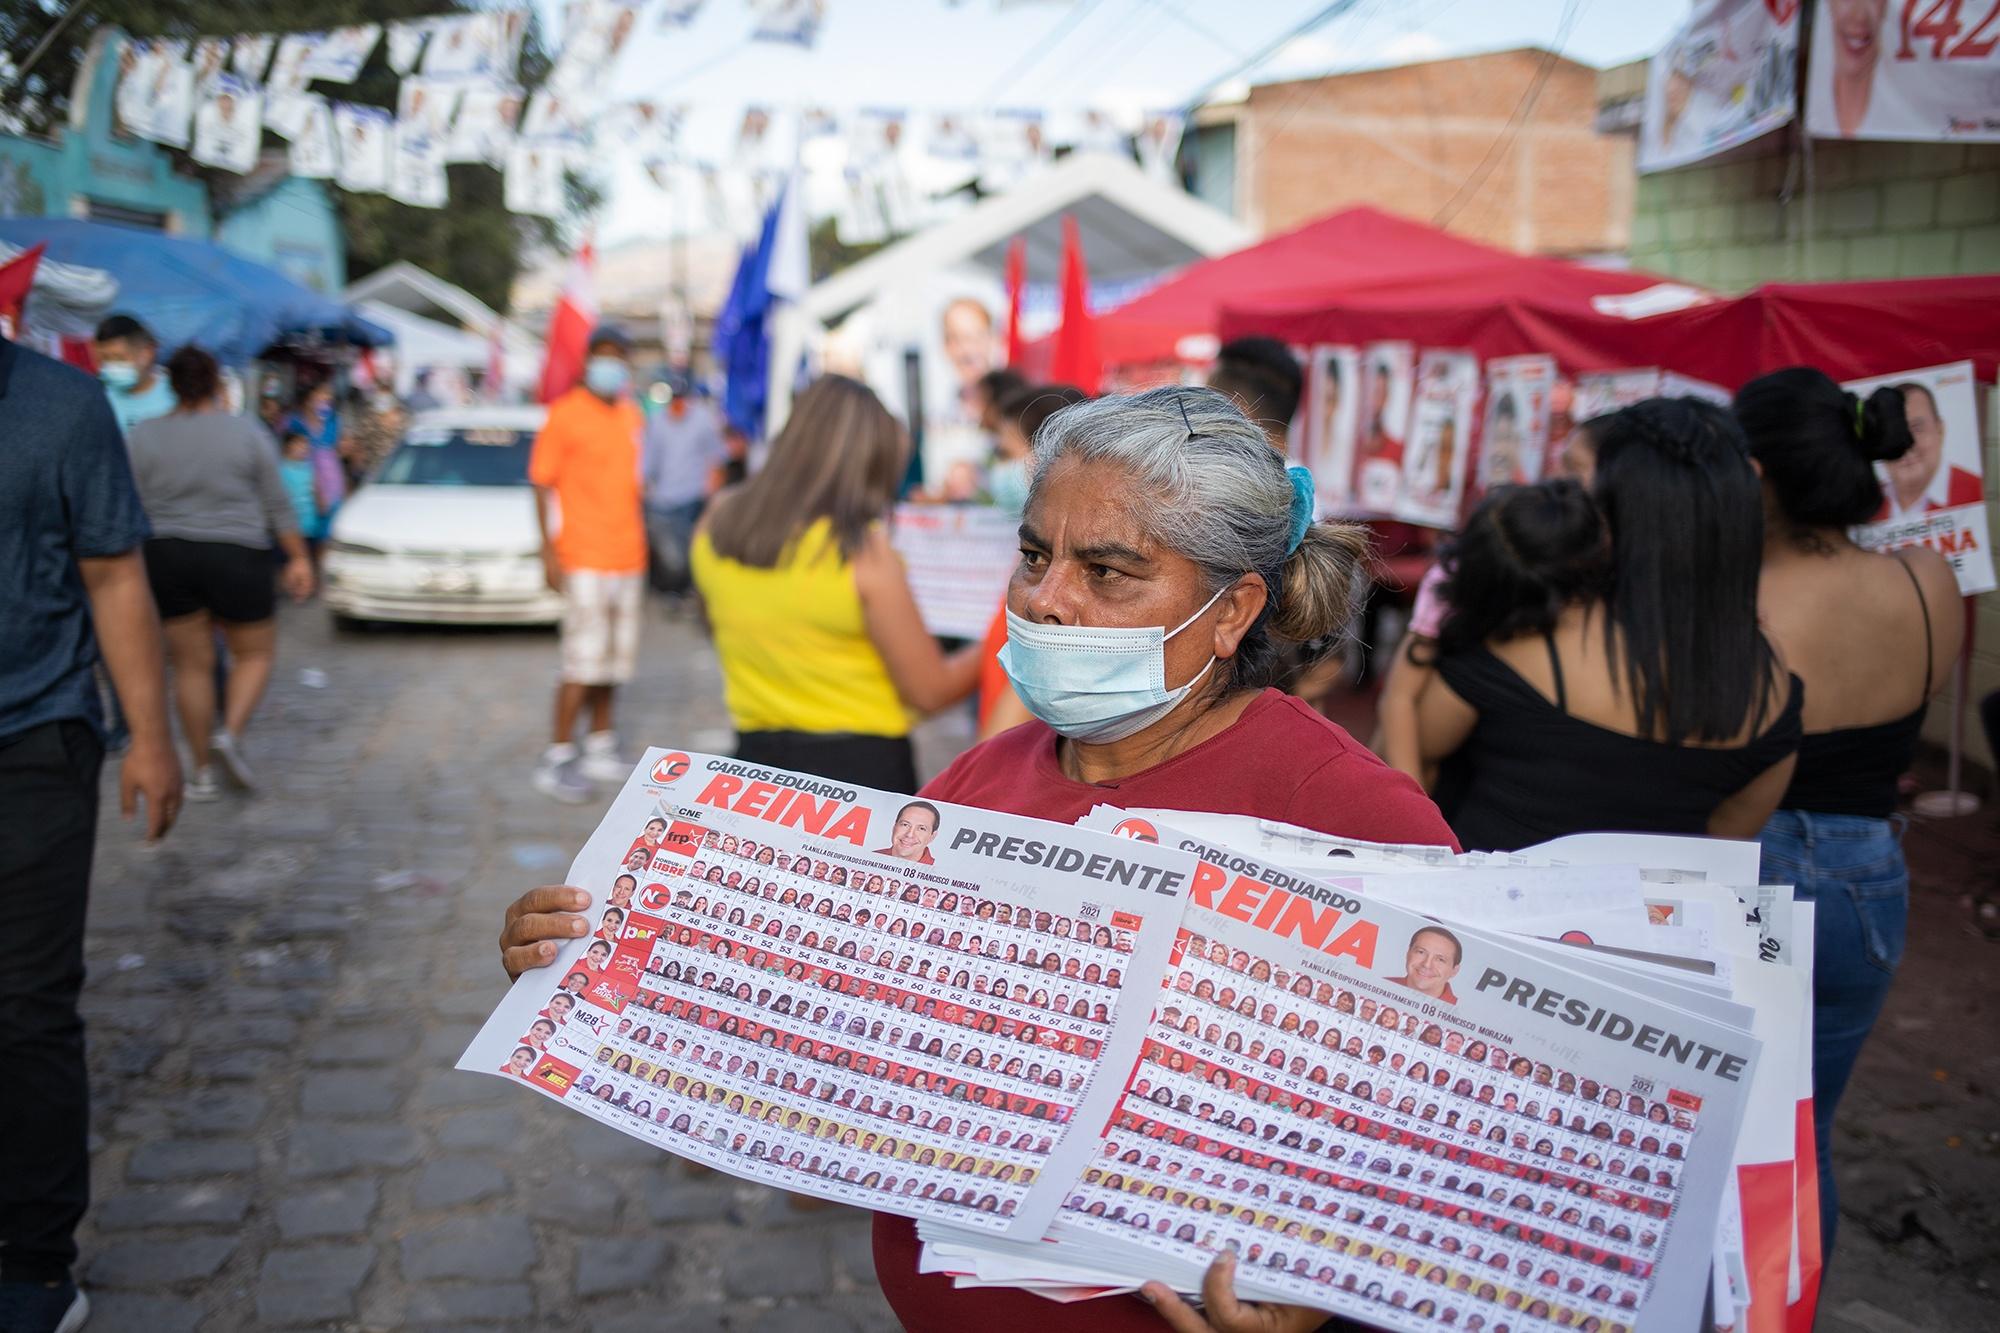 Una mujer entrega boletas electorales del Partido Libre en la Colonia 3 de Mayo, esta colonia suele asociarse con el término de «el cañón azul» por su tradición nacionalista. Comayagüela, 14 de marzo de 2021. Foto: Martín Cálix.